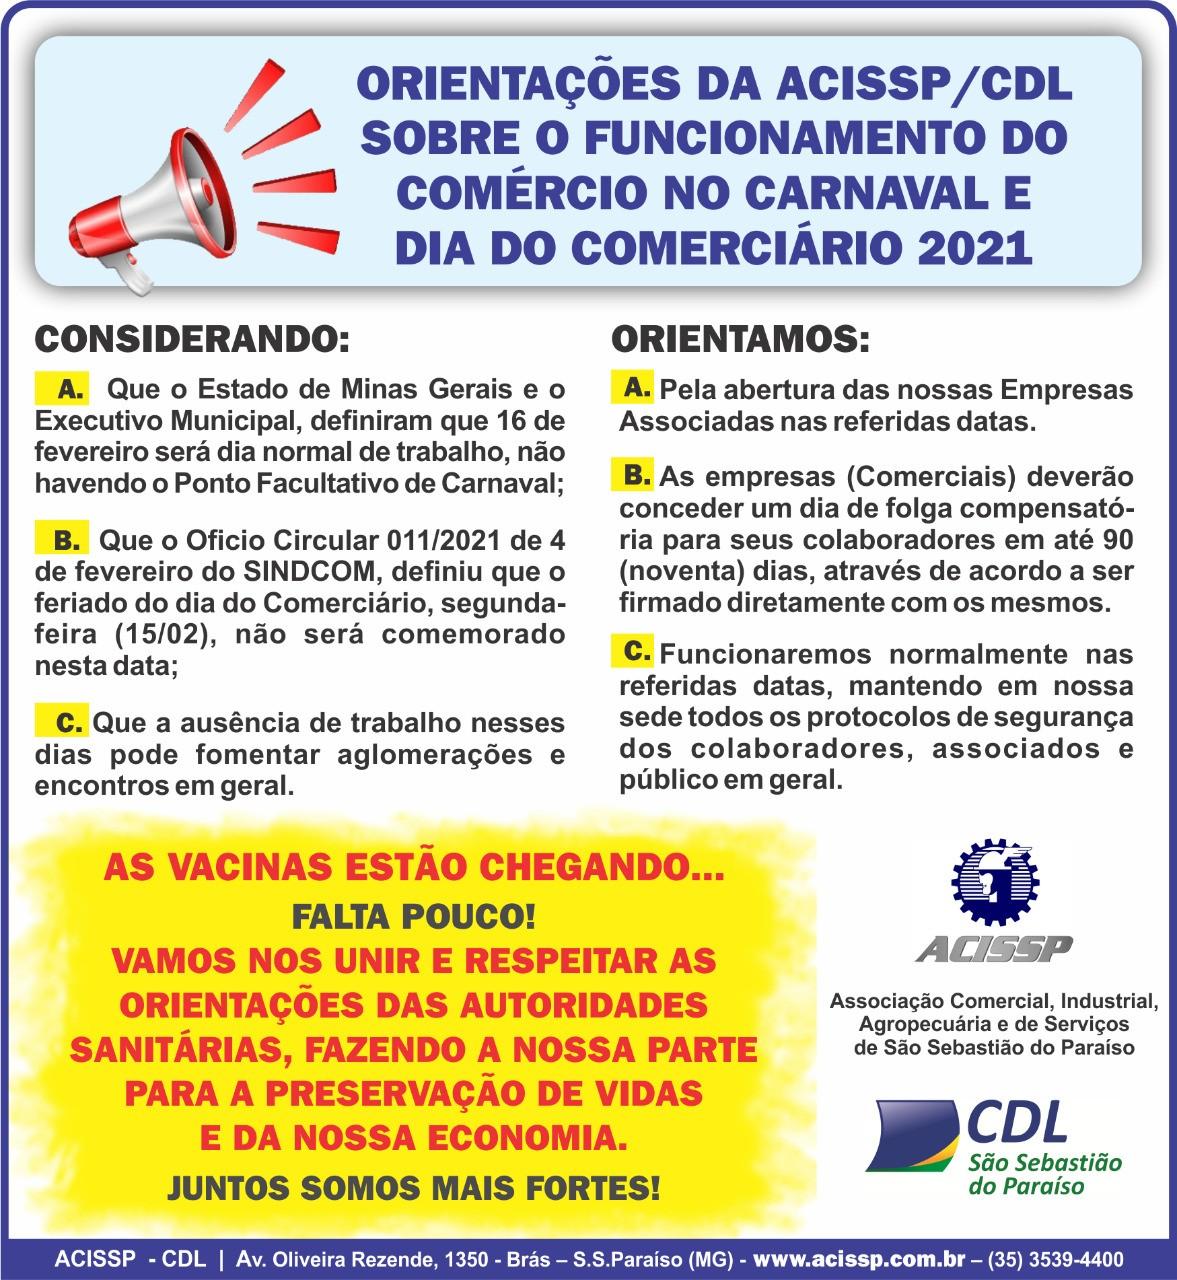 Orientações sobre o Funcionamento do Comércio no Carnaval e Dia do Comerciário 2021